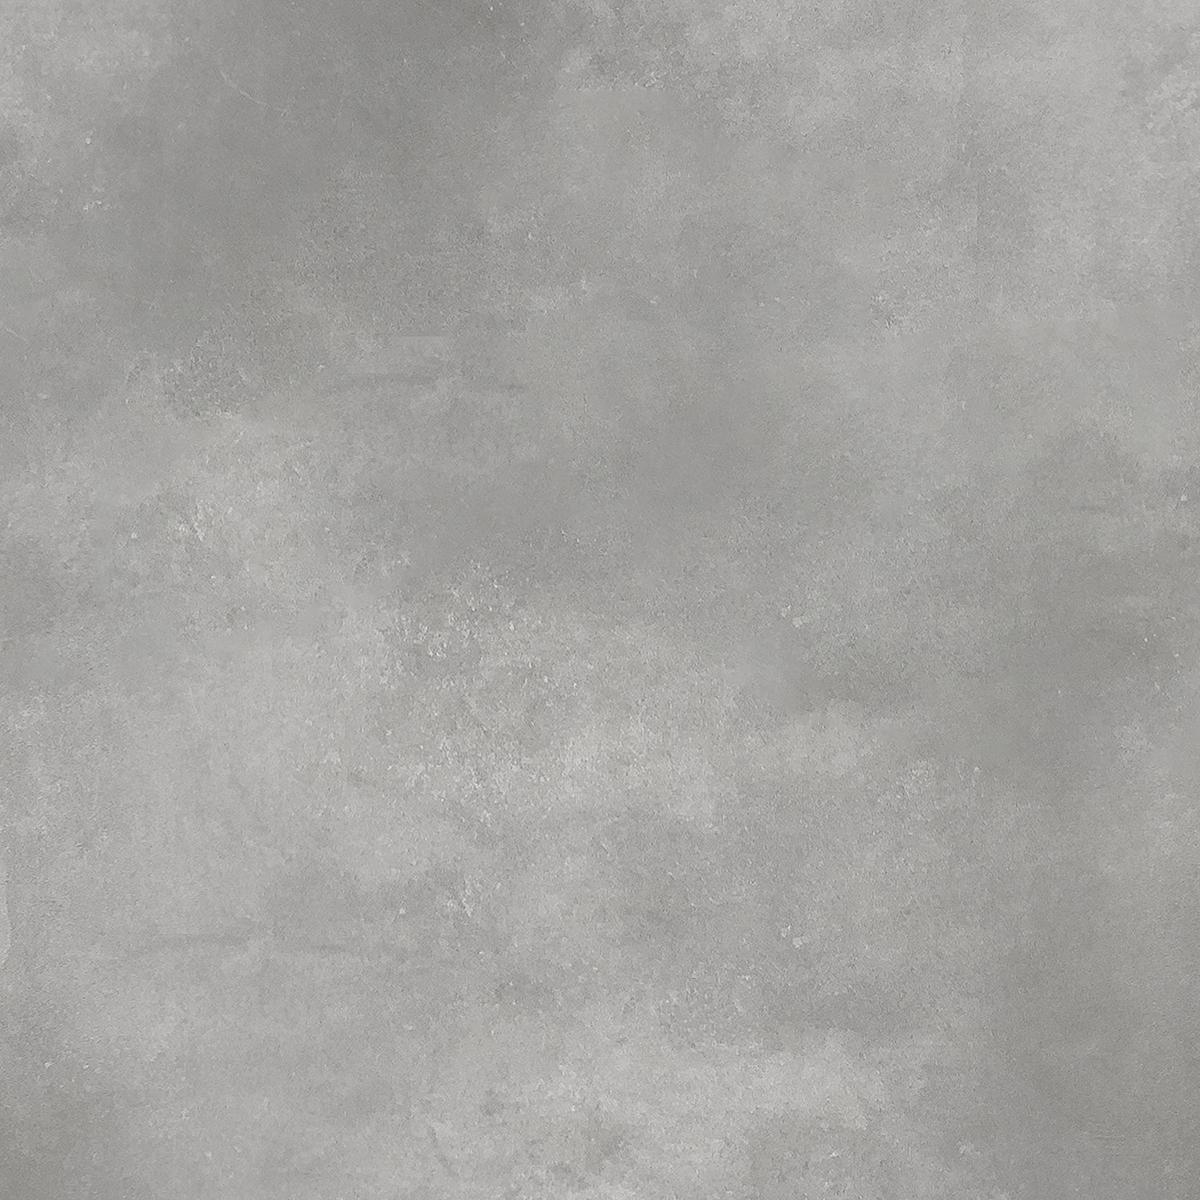 TREND slim grau Image